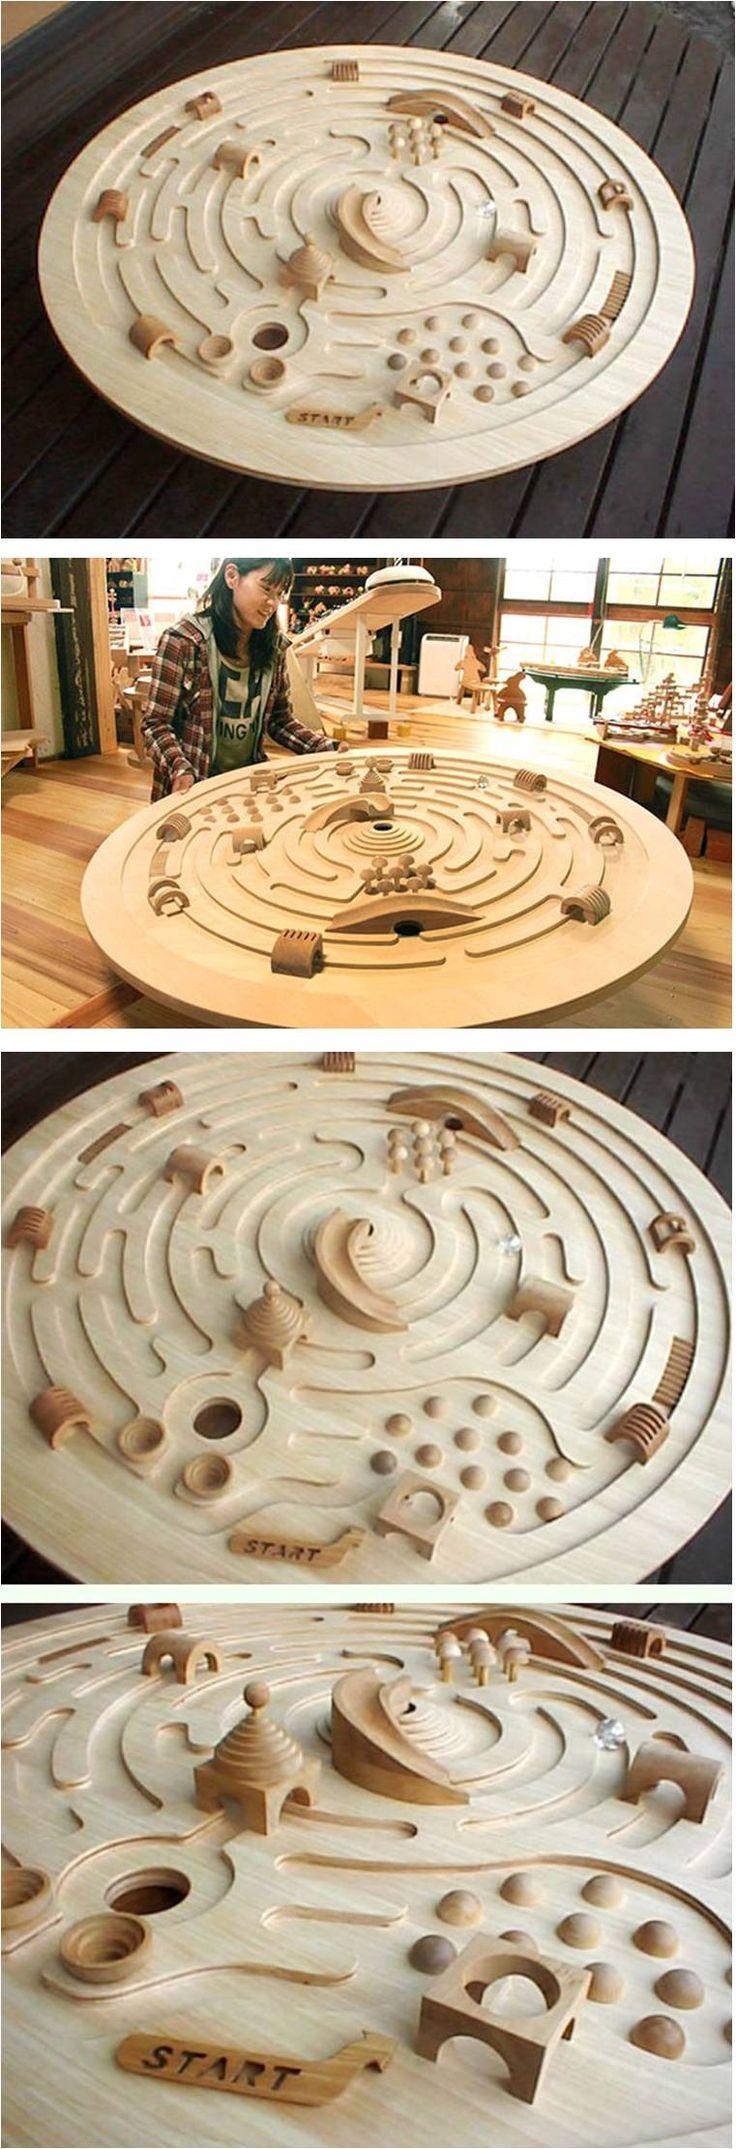 Großes schwenkbares Holzlabyrinth von Ginga Kobo Toys, Japan – Ein immenses Raumschifflabyrinth mit einem Durchmesser von 120 cm. Die Murmel 3 cm. Große Glaskugeln rollen um die Mitte herum. Zielen Sie auf die Rutsche, die in die Mündung des Vulkans führt! Kreative Hindernisse blockieren den Weg! Ideal, um kooperatives Spiel zu fördern, da 2 oder 3 Kinder zusammenarbeiten können, um das Labyrinth zu erobern.